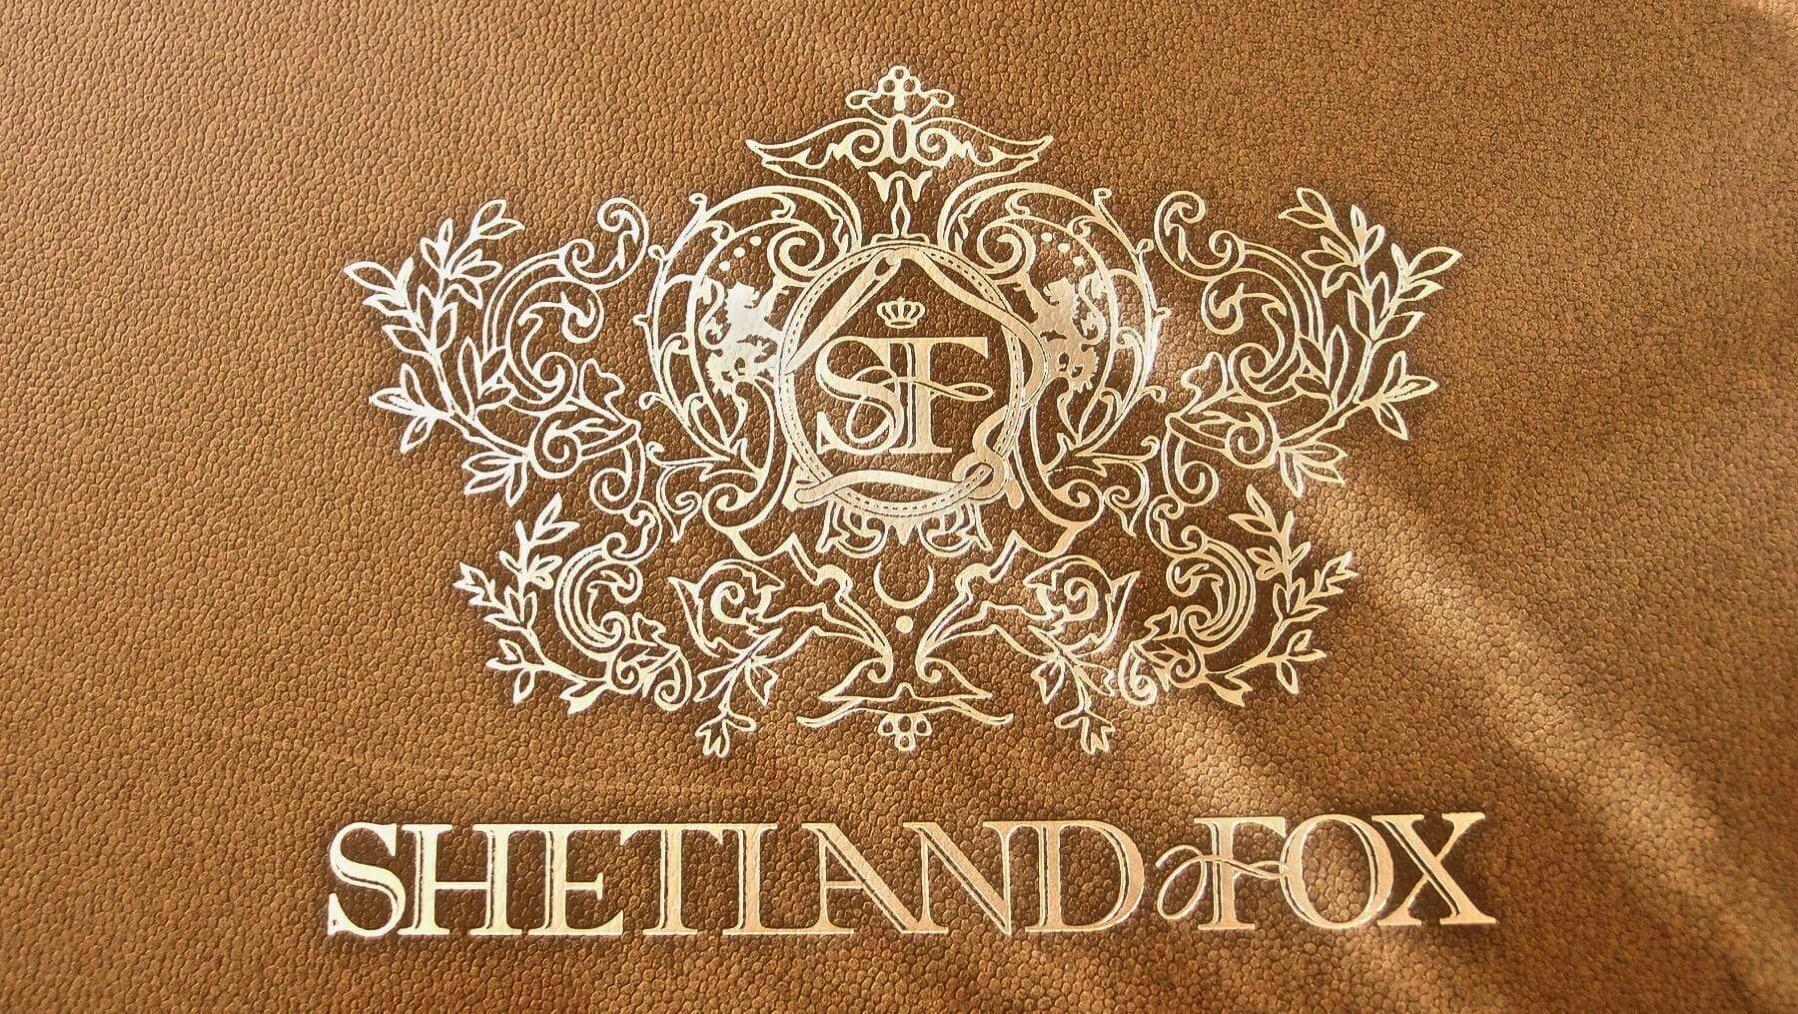 01 Shetlandfox Logo